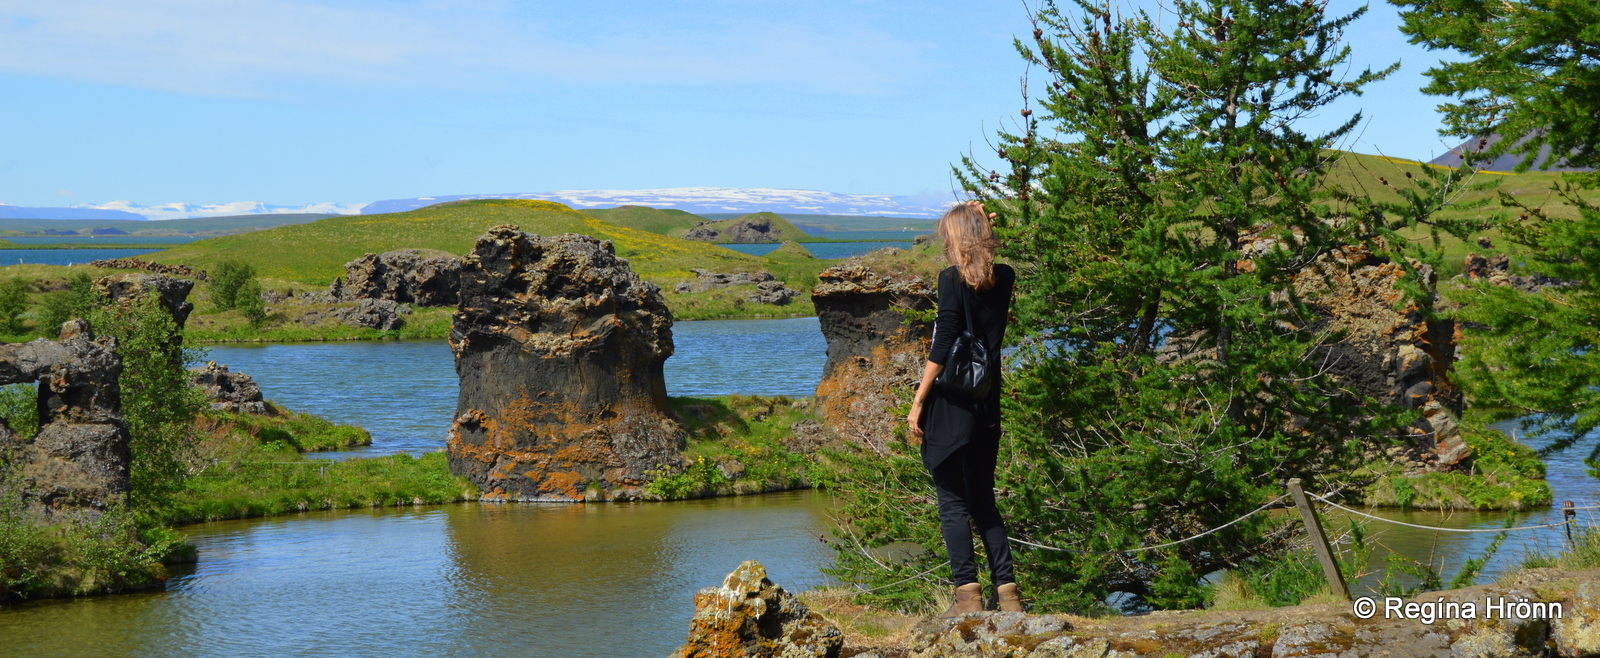 Regína at Höfði in Mývatnssveit admiring the view of Kálfastrandavogur